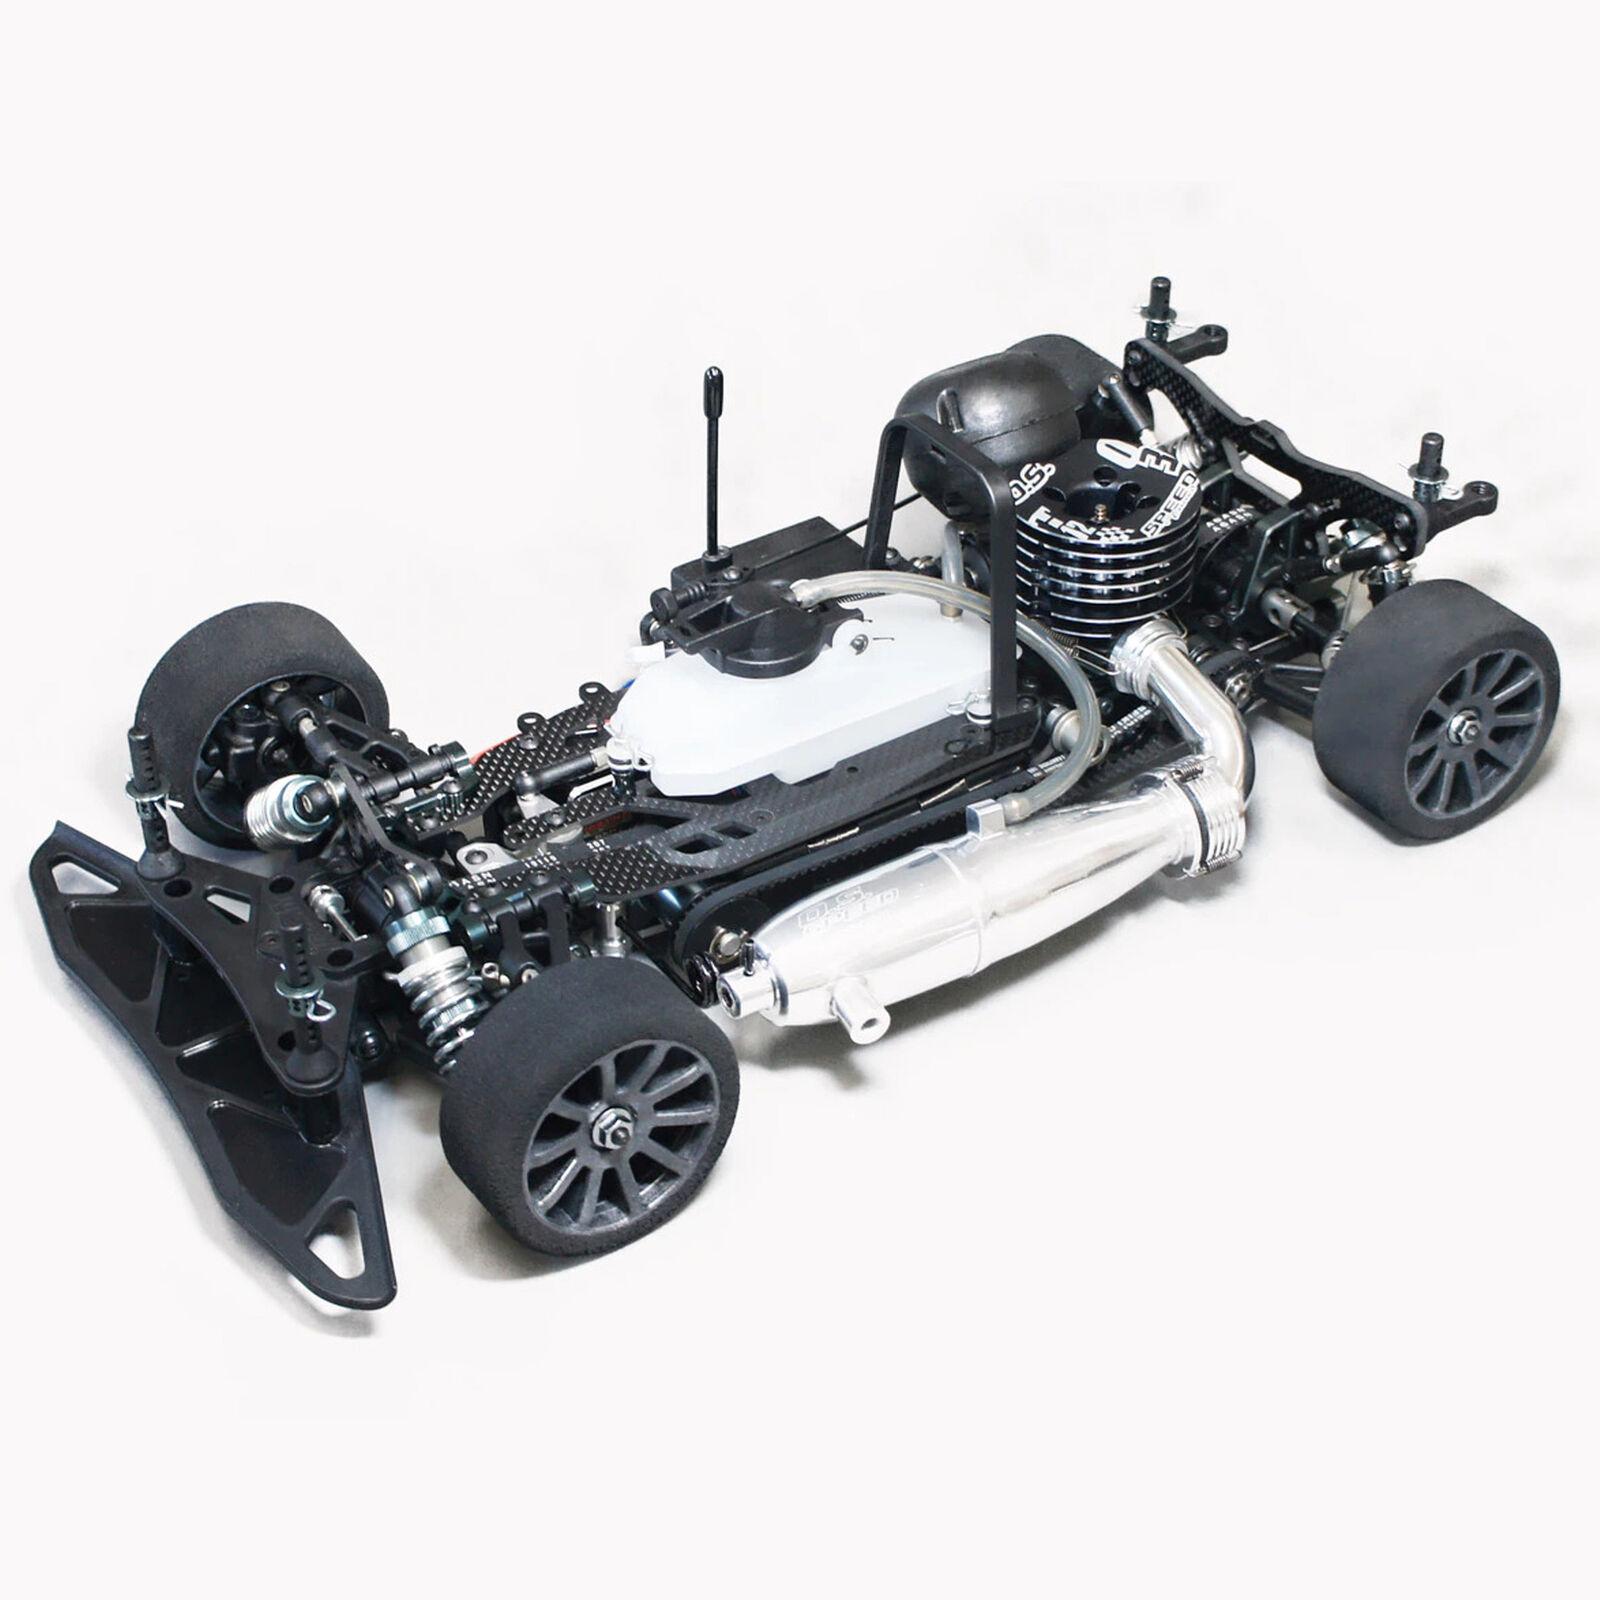 MTX7 1/10 Nitro Touring Car Kit